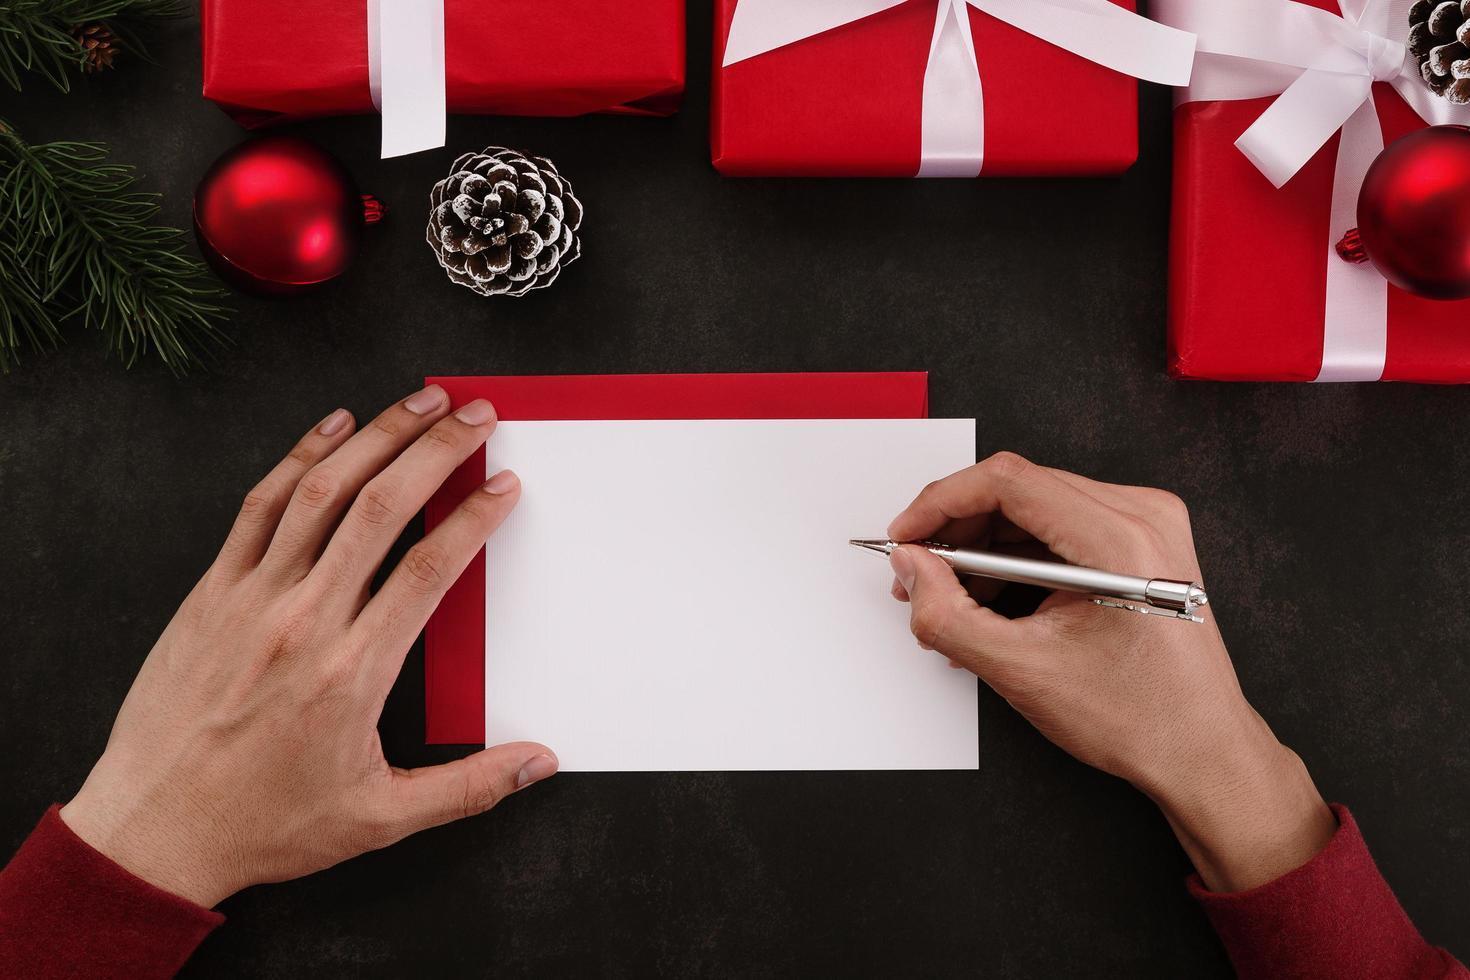 händer som skriver vit gratulationskortmodell med juldekoration på grungebakgrund foto